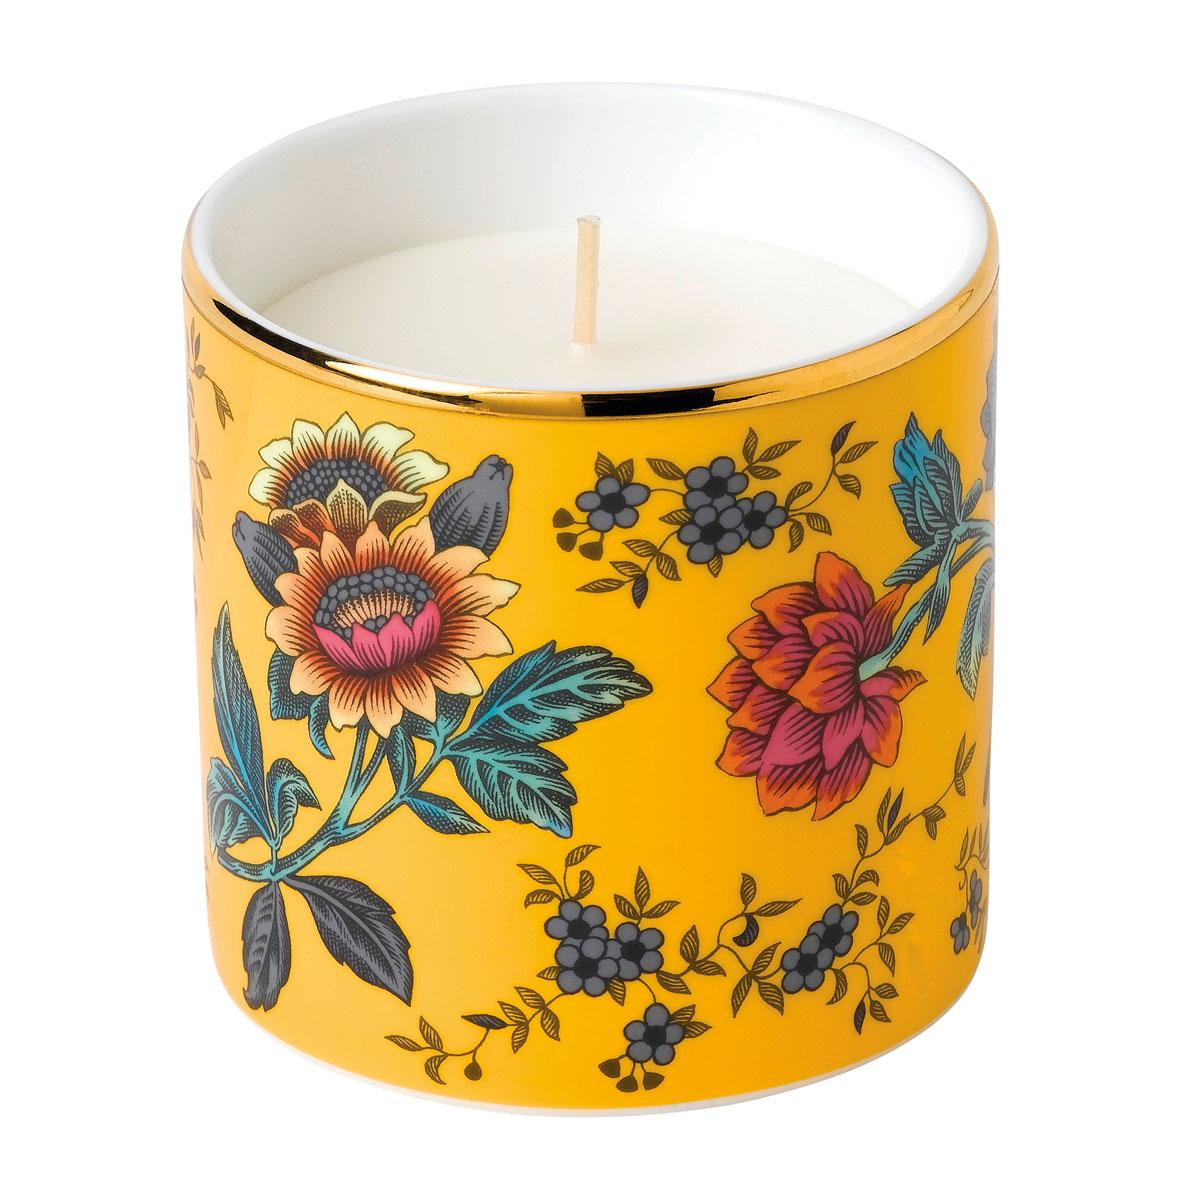 Wedgwood China Wonderlust Yellow Tonquin Candle, Lemongrass and Basil